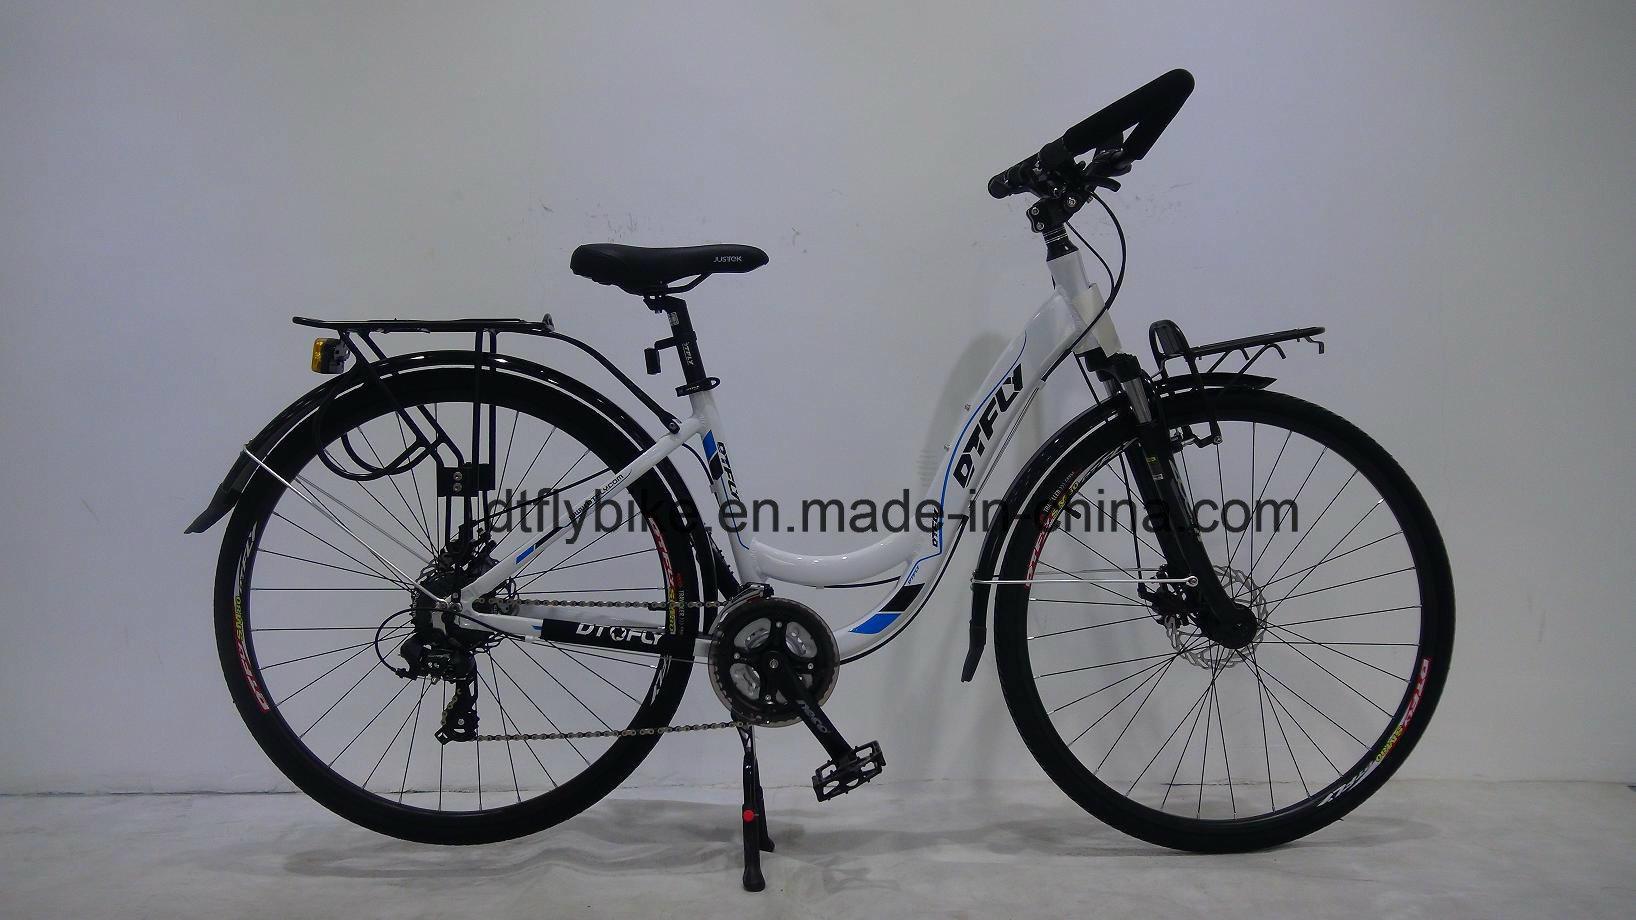 Bike: Touring Bike, 700c, Shimano, 24s